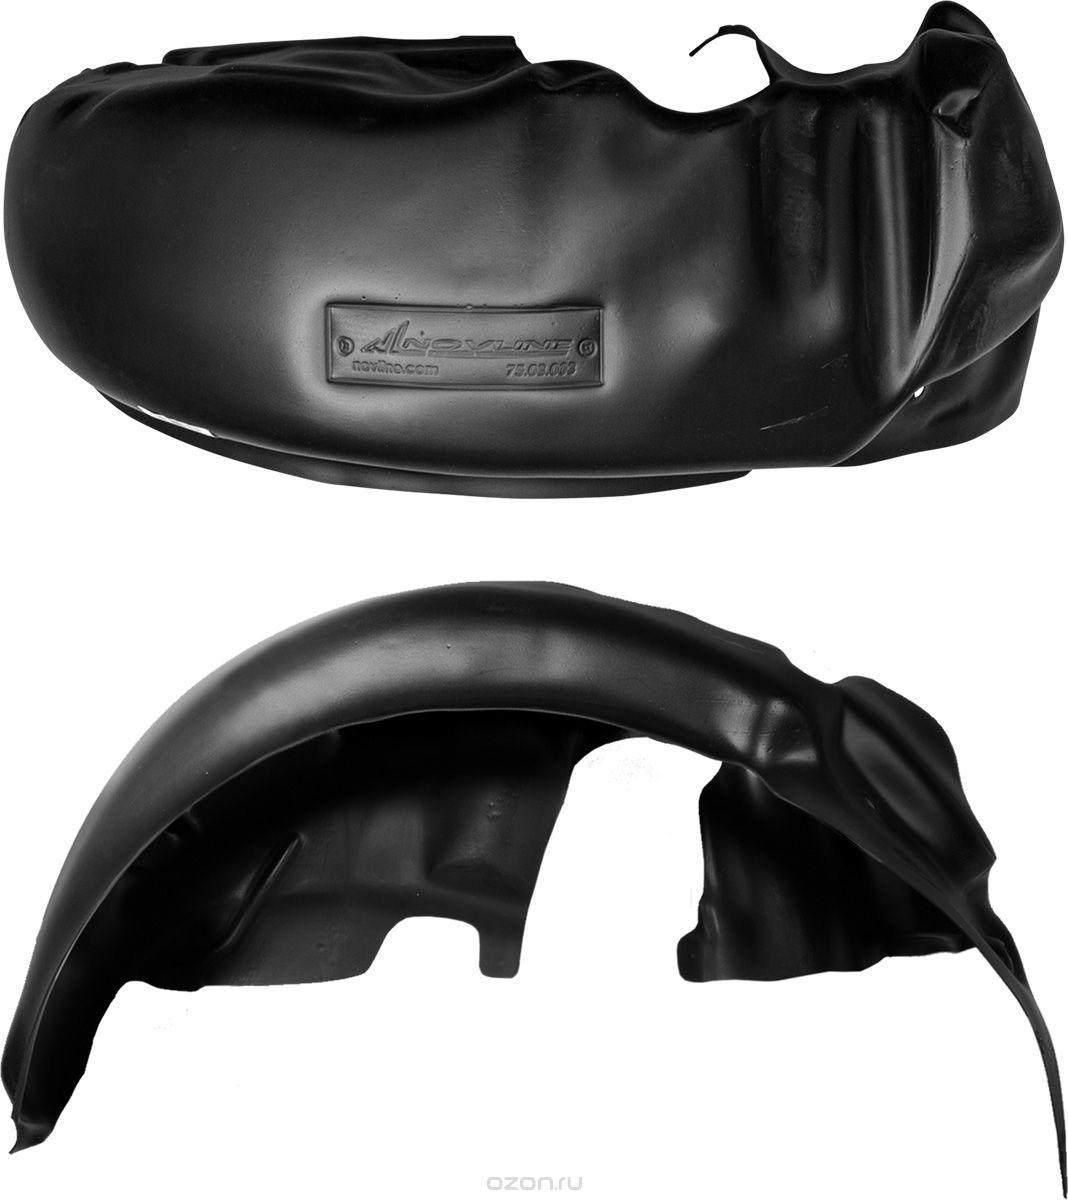 Подкрылок Novline-Autofamily, для CHEVROLET Aveo 2008->, хб., передний левыйNLL.08.12.001Идеальная защита колесной ниши. Локеры разработаны с применением цифровых технологий, гарантируют максимальную повторяемость поверхности арки. Изделия устанавливаются без нарушения лакокрасочного покрытия автомобиля, каждый подкрылок комплектуется крепежом. Уважаемые клиенты, обращаем ваше внимание, что фотографии на подкрылки универсальные и не отражают реальную форму изделия. При этом само изделие идет точно под размер указанного автомобиля.